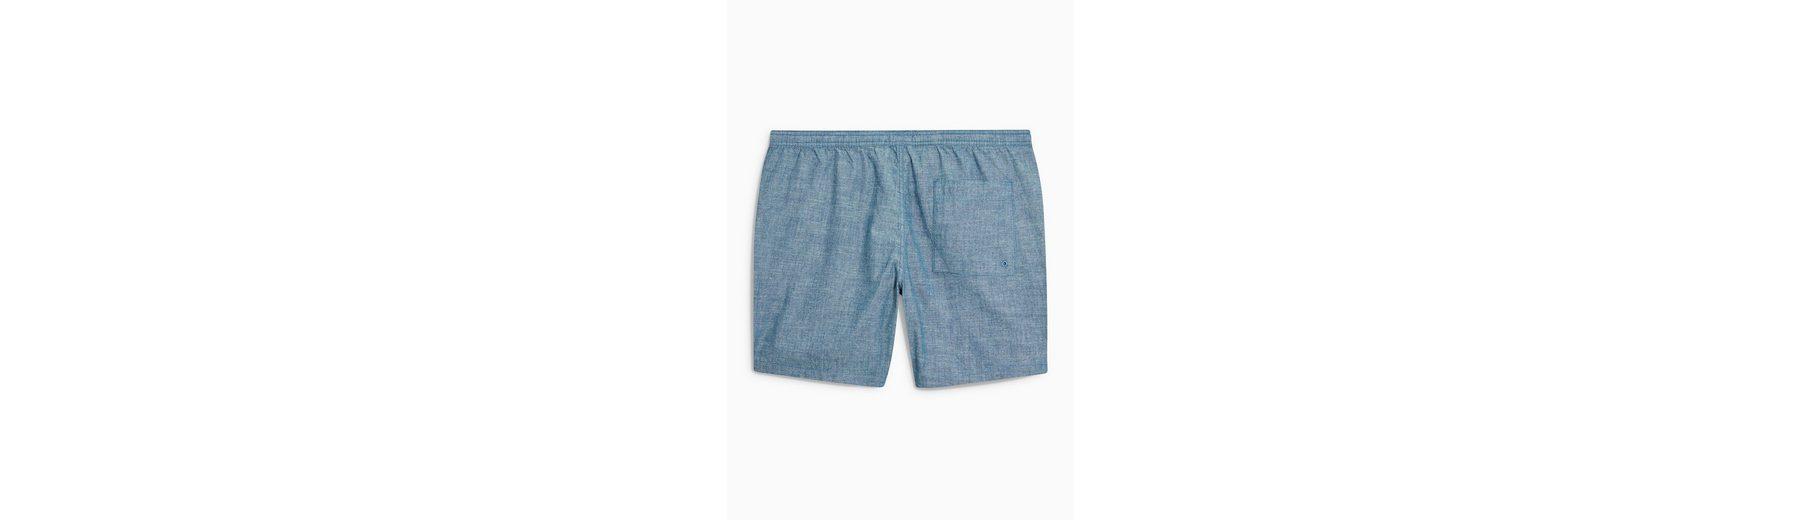 Einkaufen Wiki Zum Verkauf Next Dock-Shorts aus Chambray Outlet-Store Online-Verkauf Breite Palette Von Auslass Heißen Verkauf rqBV9